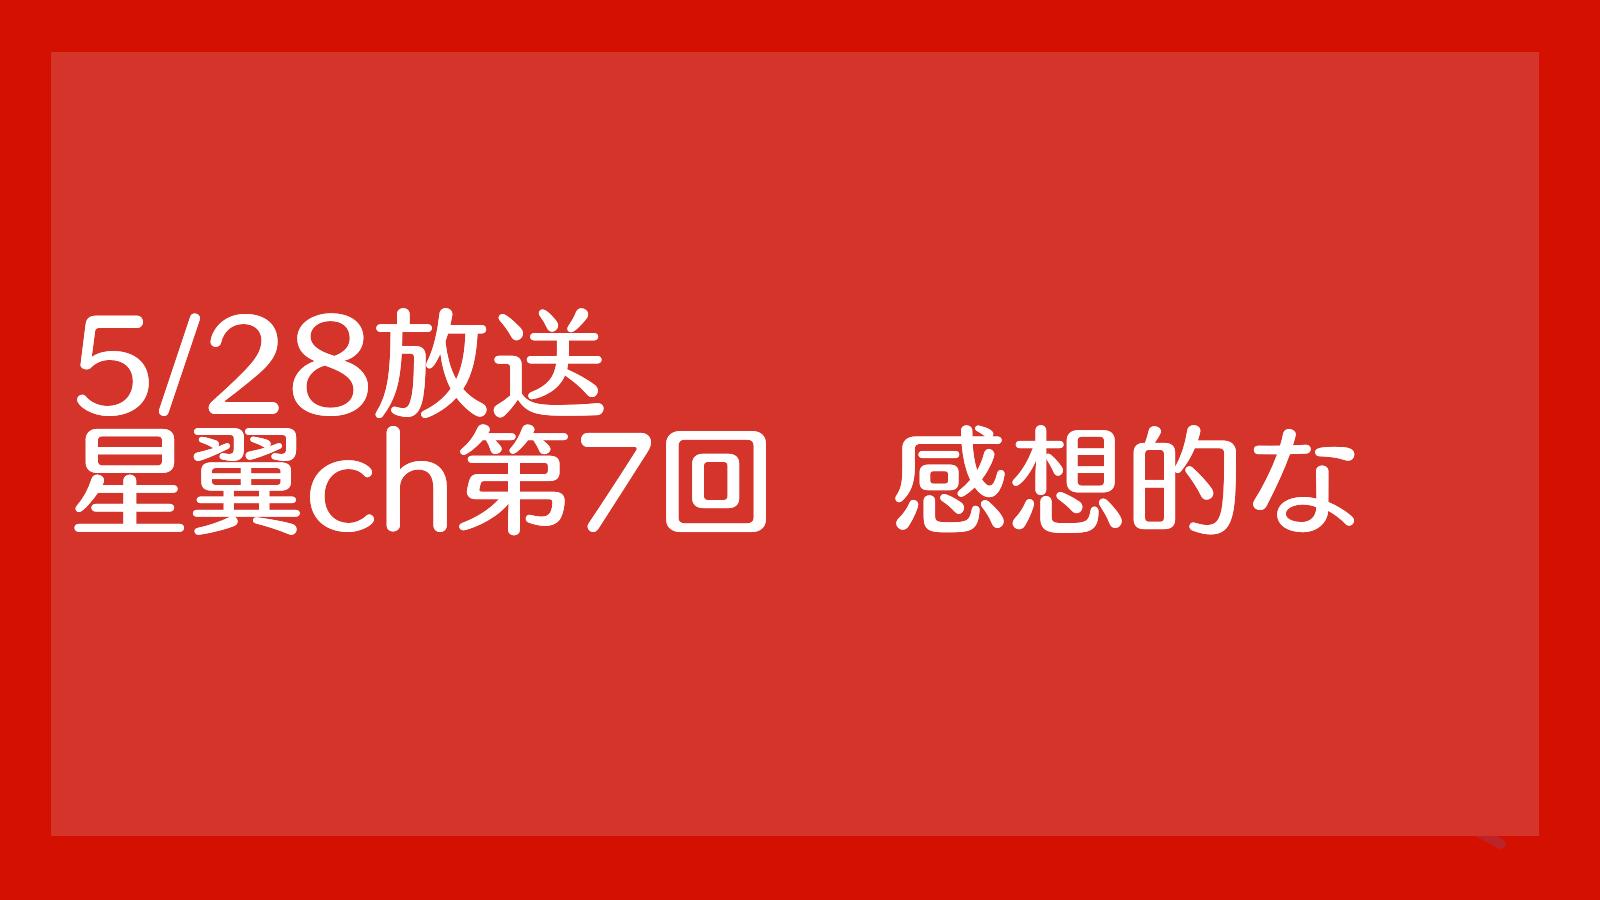 星翼チャンネル 5/28